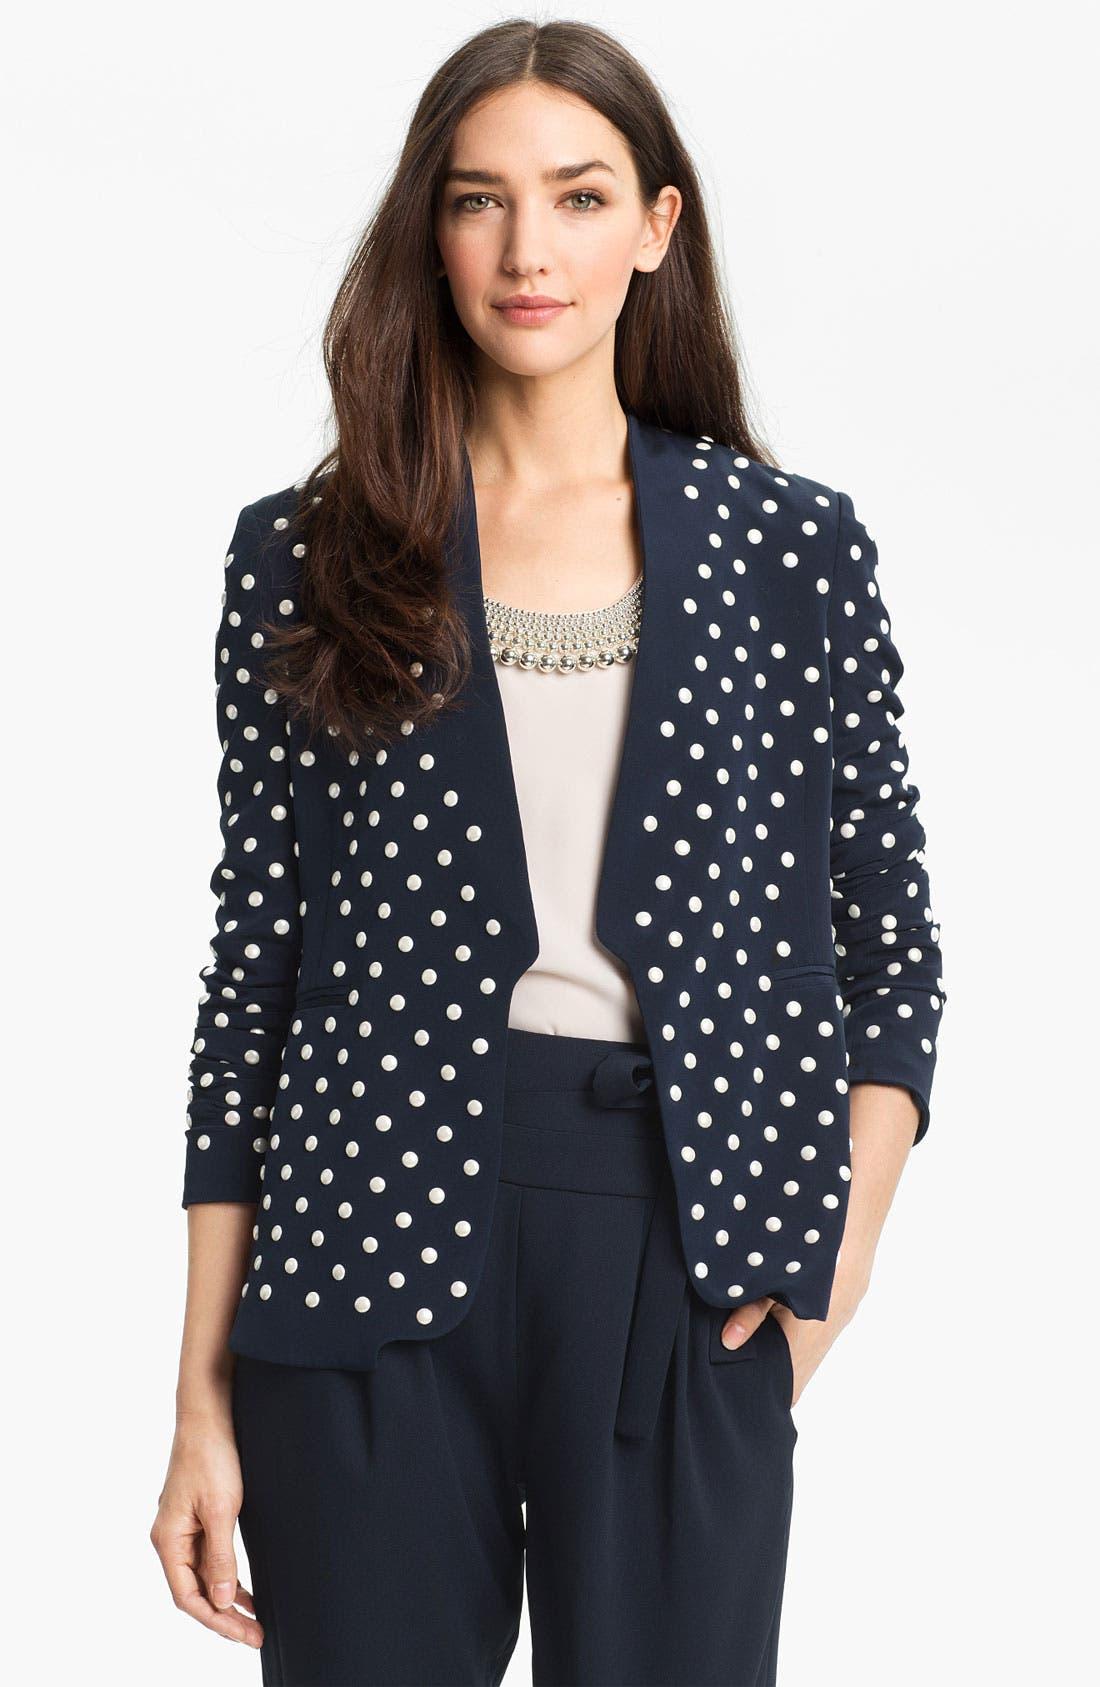 Alternate Image 1 Selected - Diane von Furstenberg 'Paulette' Studded Jacket